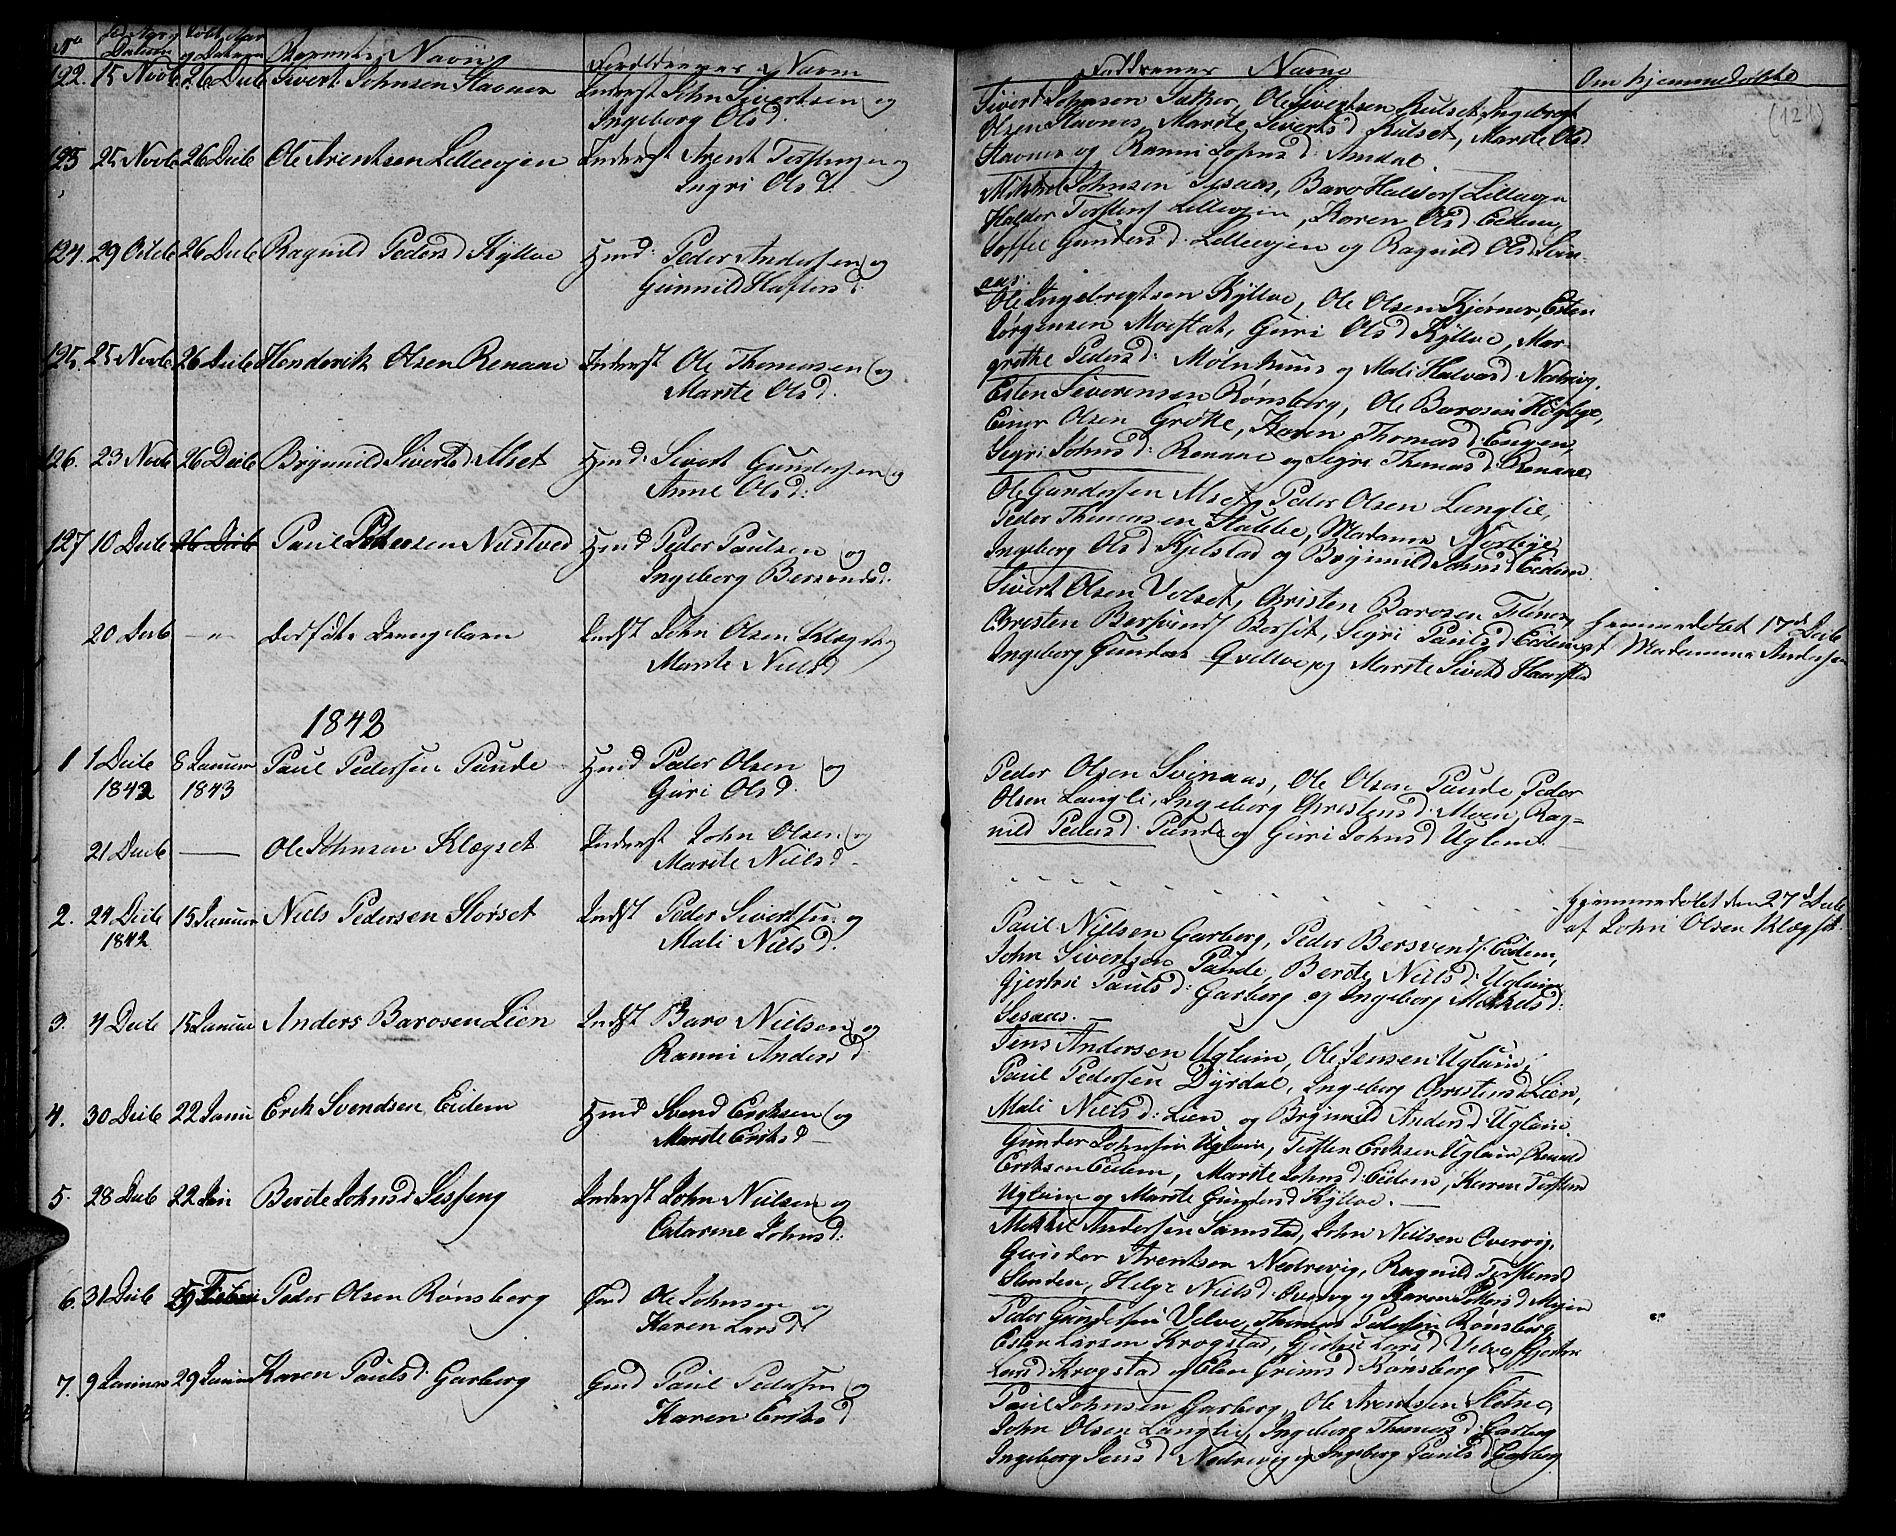 SAT, Ministerialprotokoller, klokkerbøker og fødselsregistre - Sør-Trøndelag, 695/L1154: Klokkerbok nr. 695C05, 1842-1858, s. 121